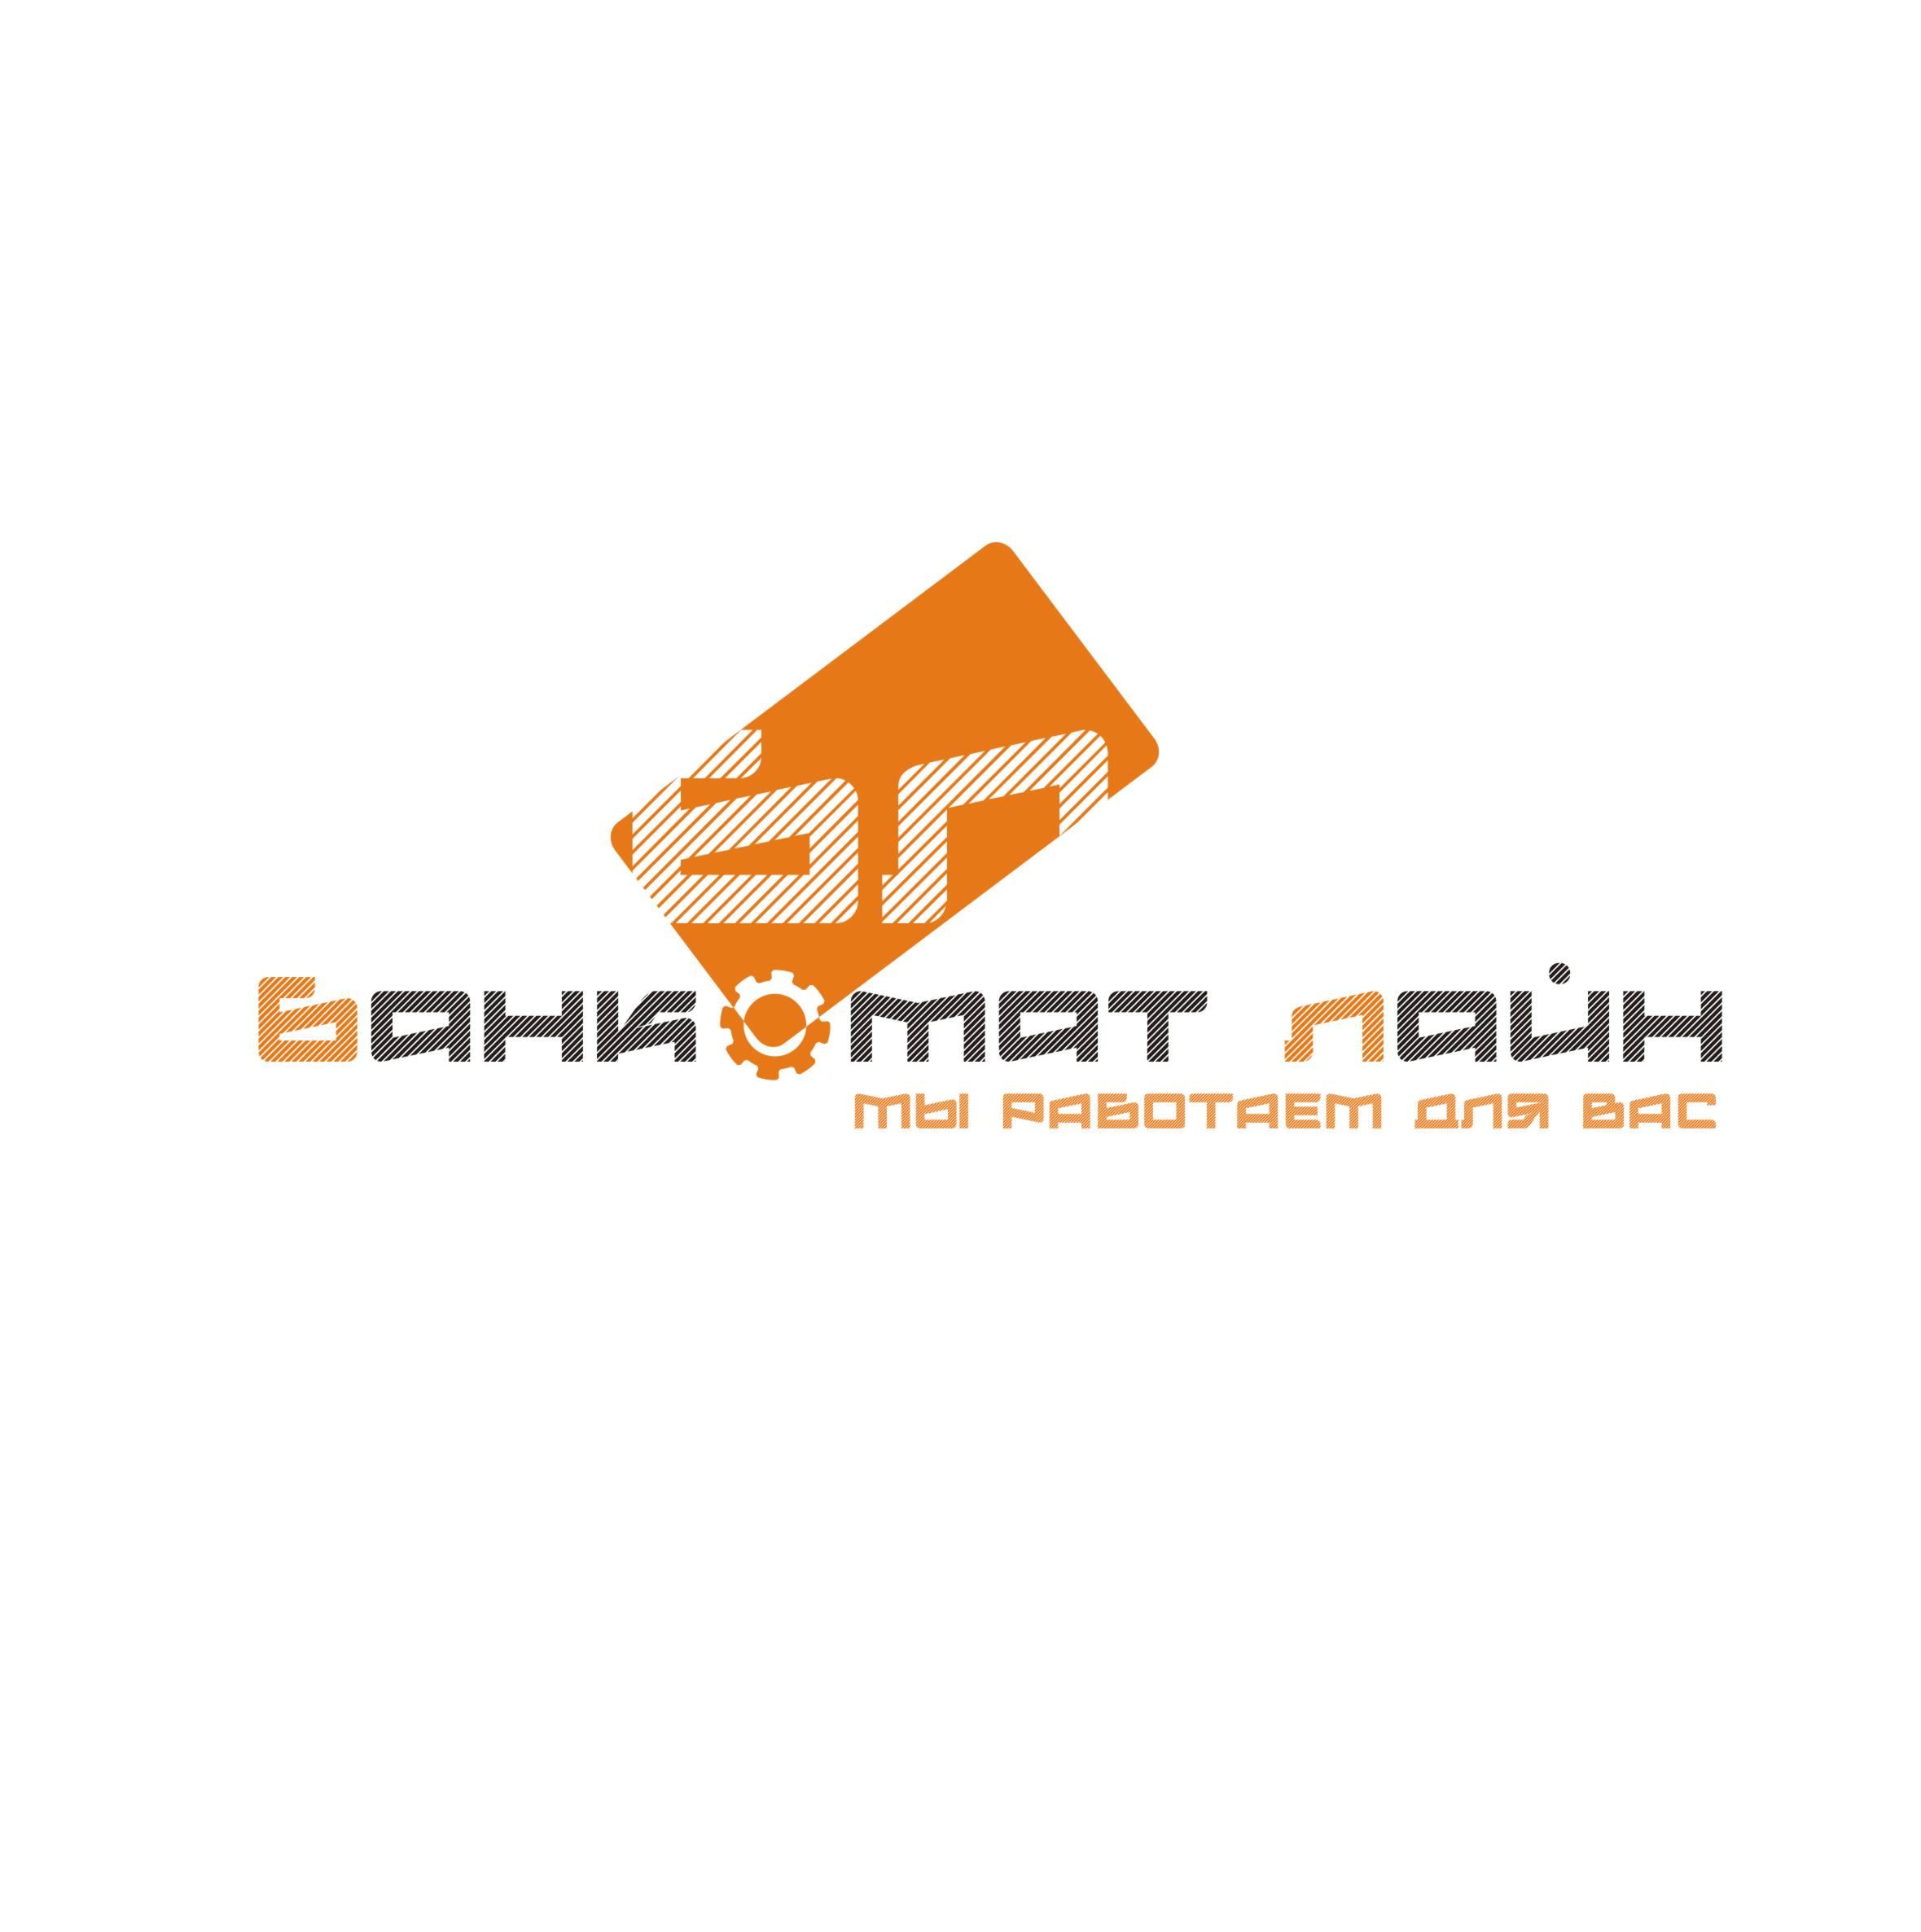 Разработка логотипа и слогана для транспортной компании фото f_120587890553aaae.jpg